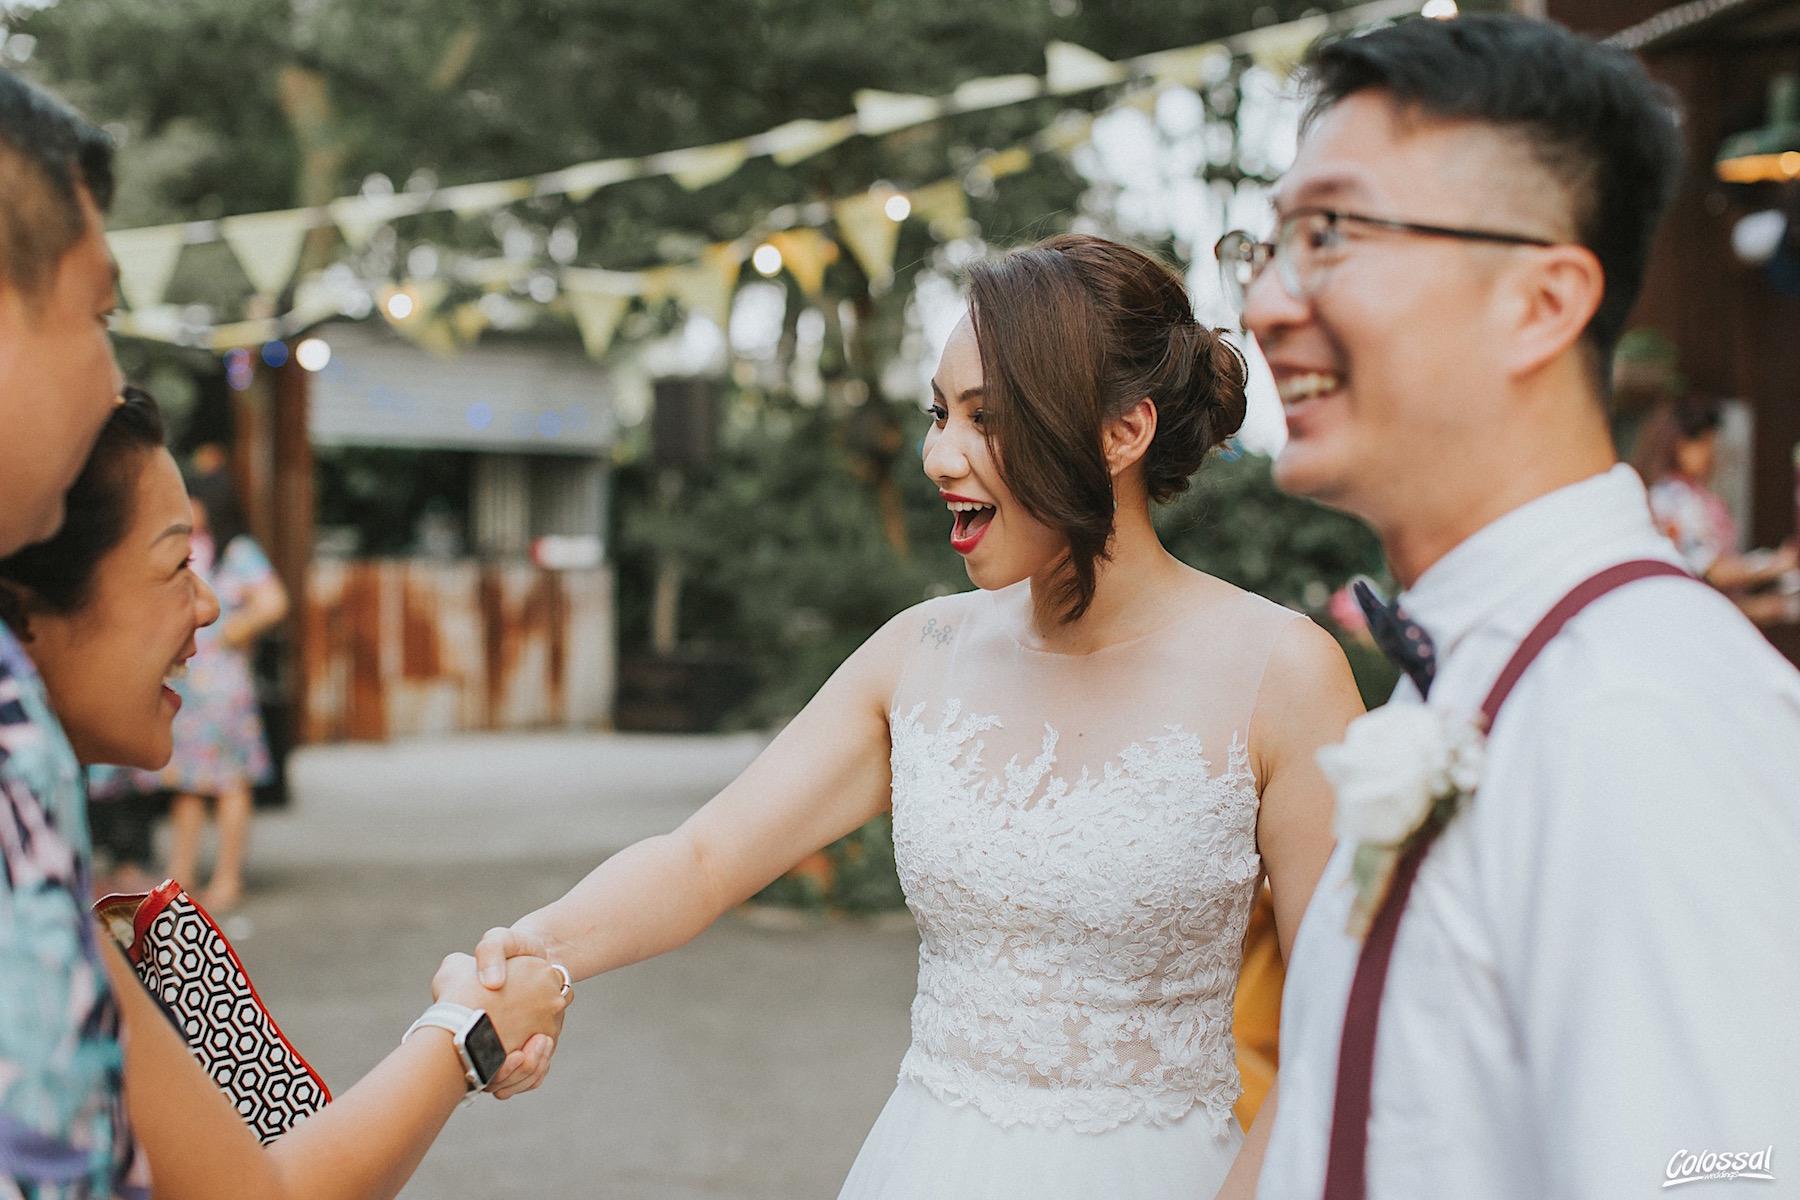 MartinChanel_ColossalWeddings027_WeddingParty.jpg